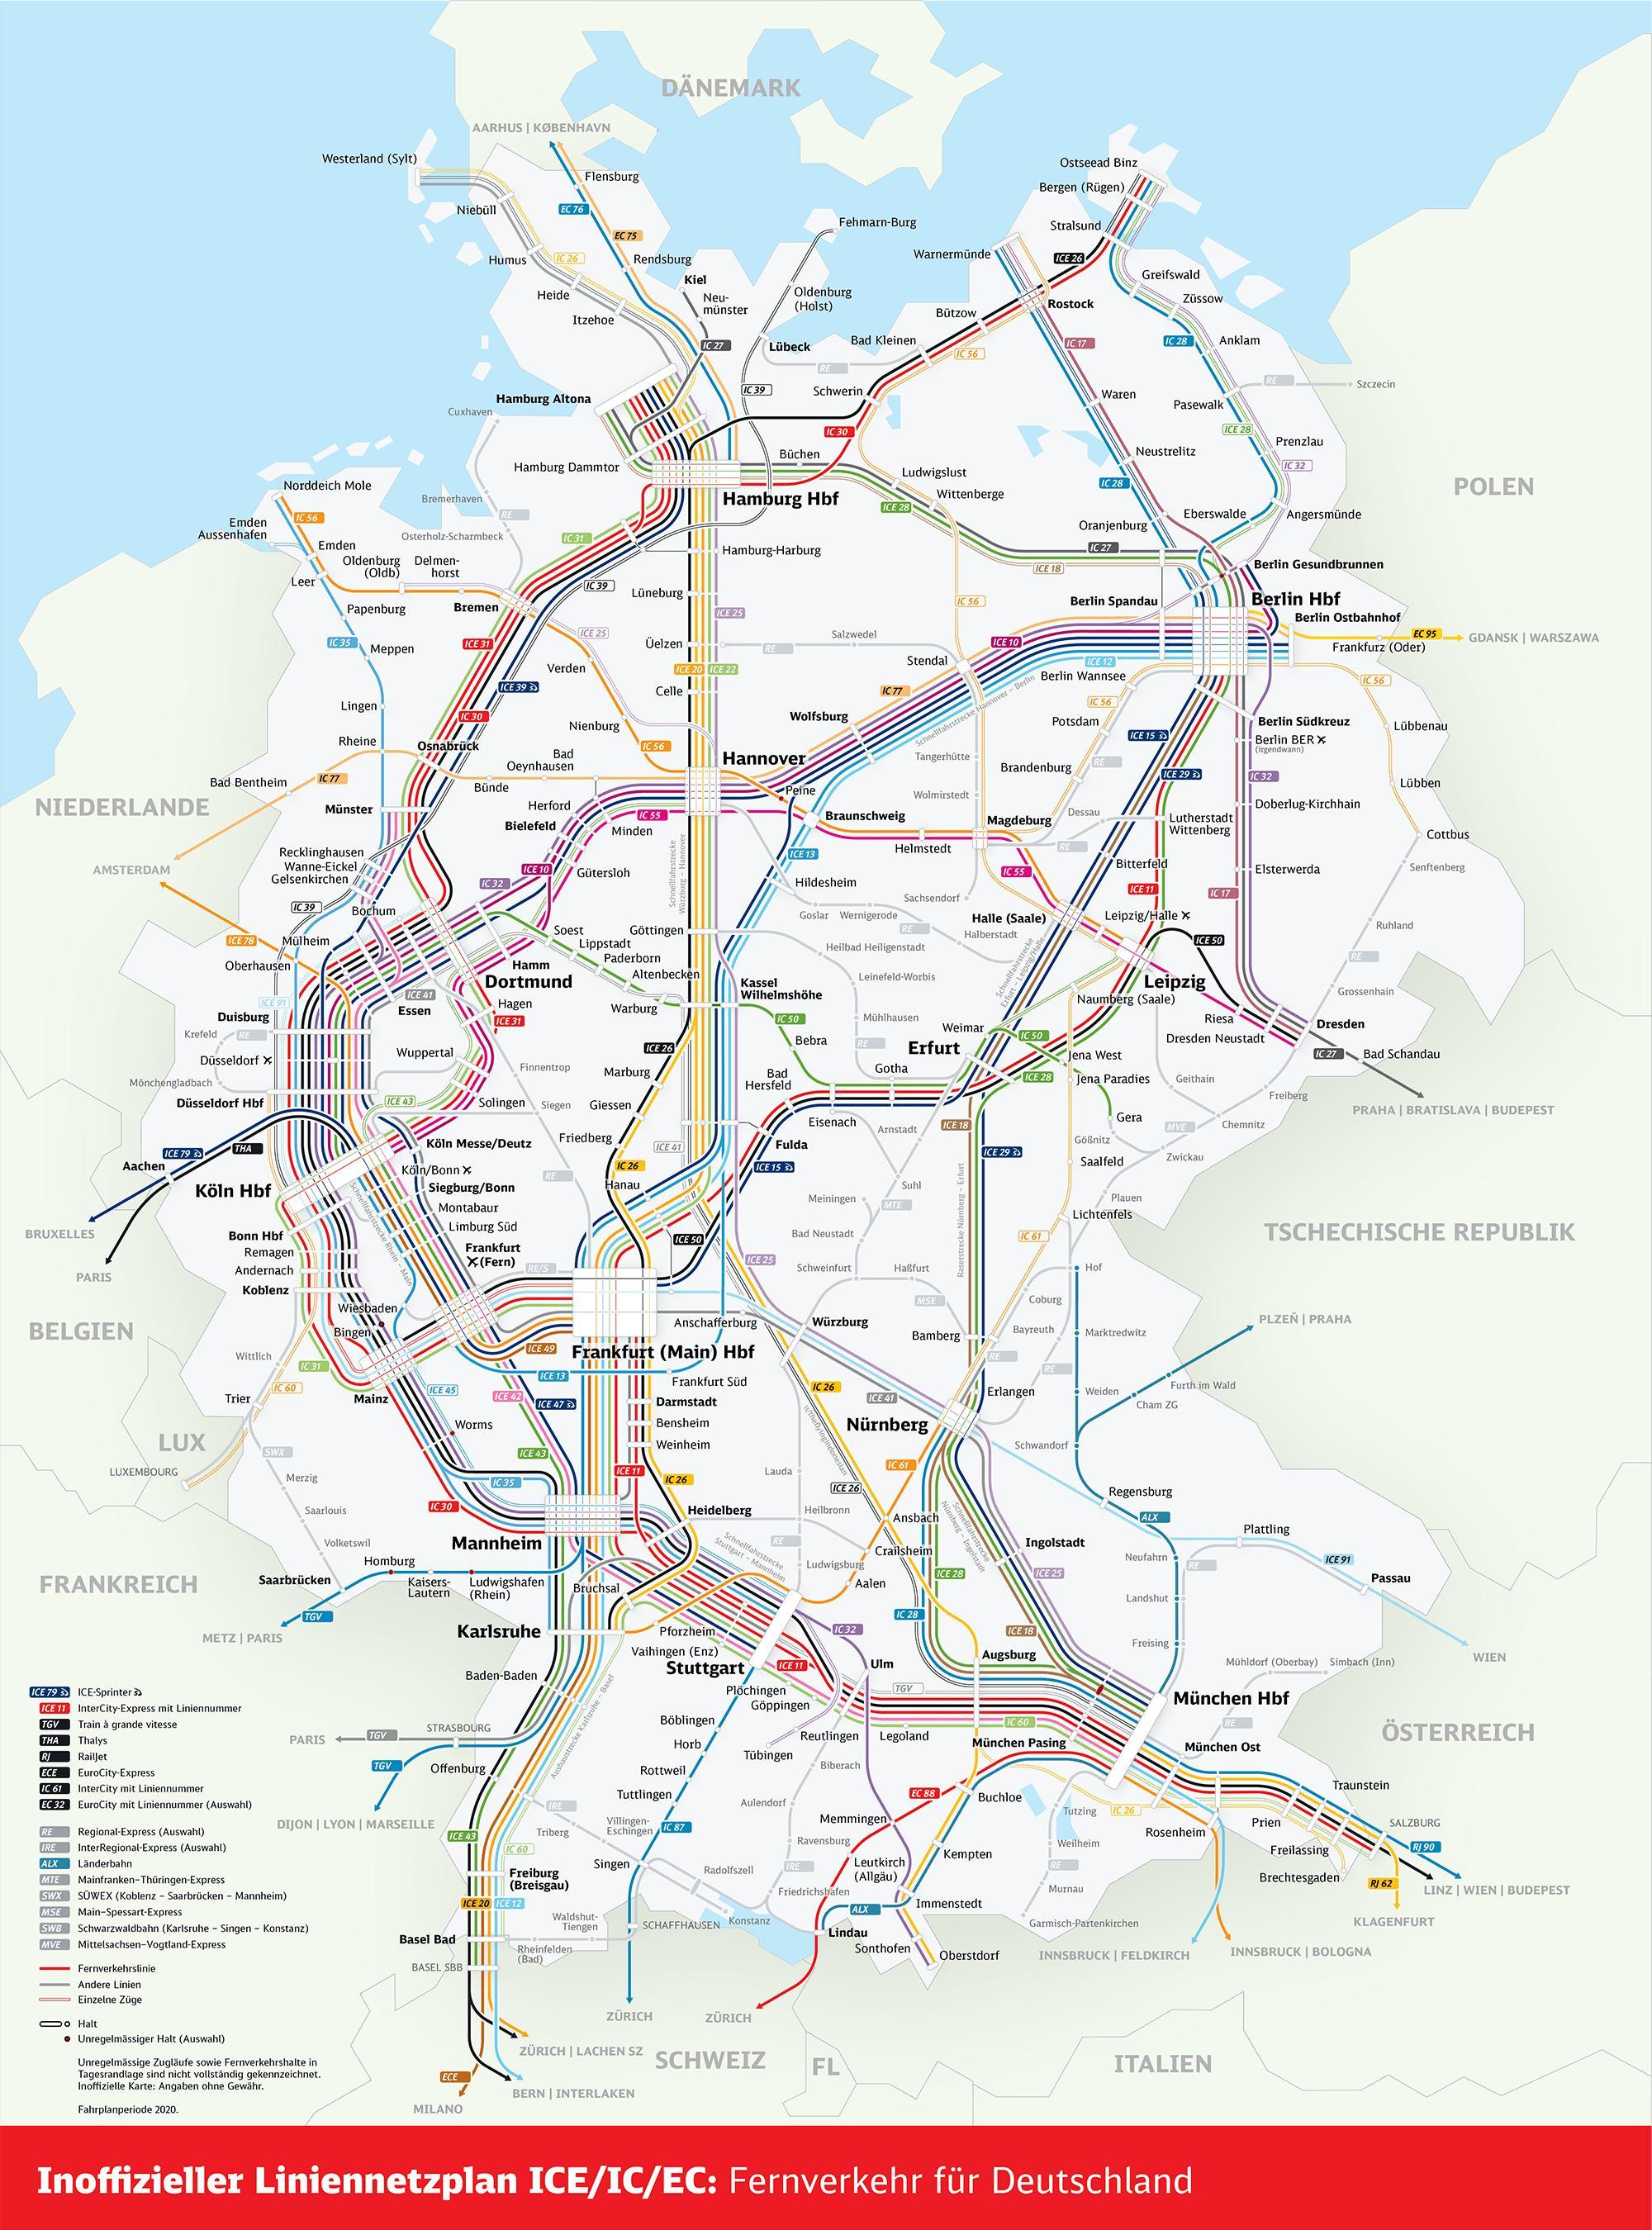 Db Karte Berlin.Db Bahn Karte Deutschland Deutschland Rail Bahn Karte